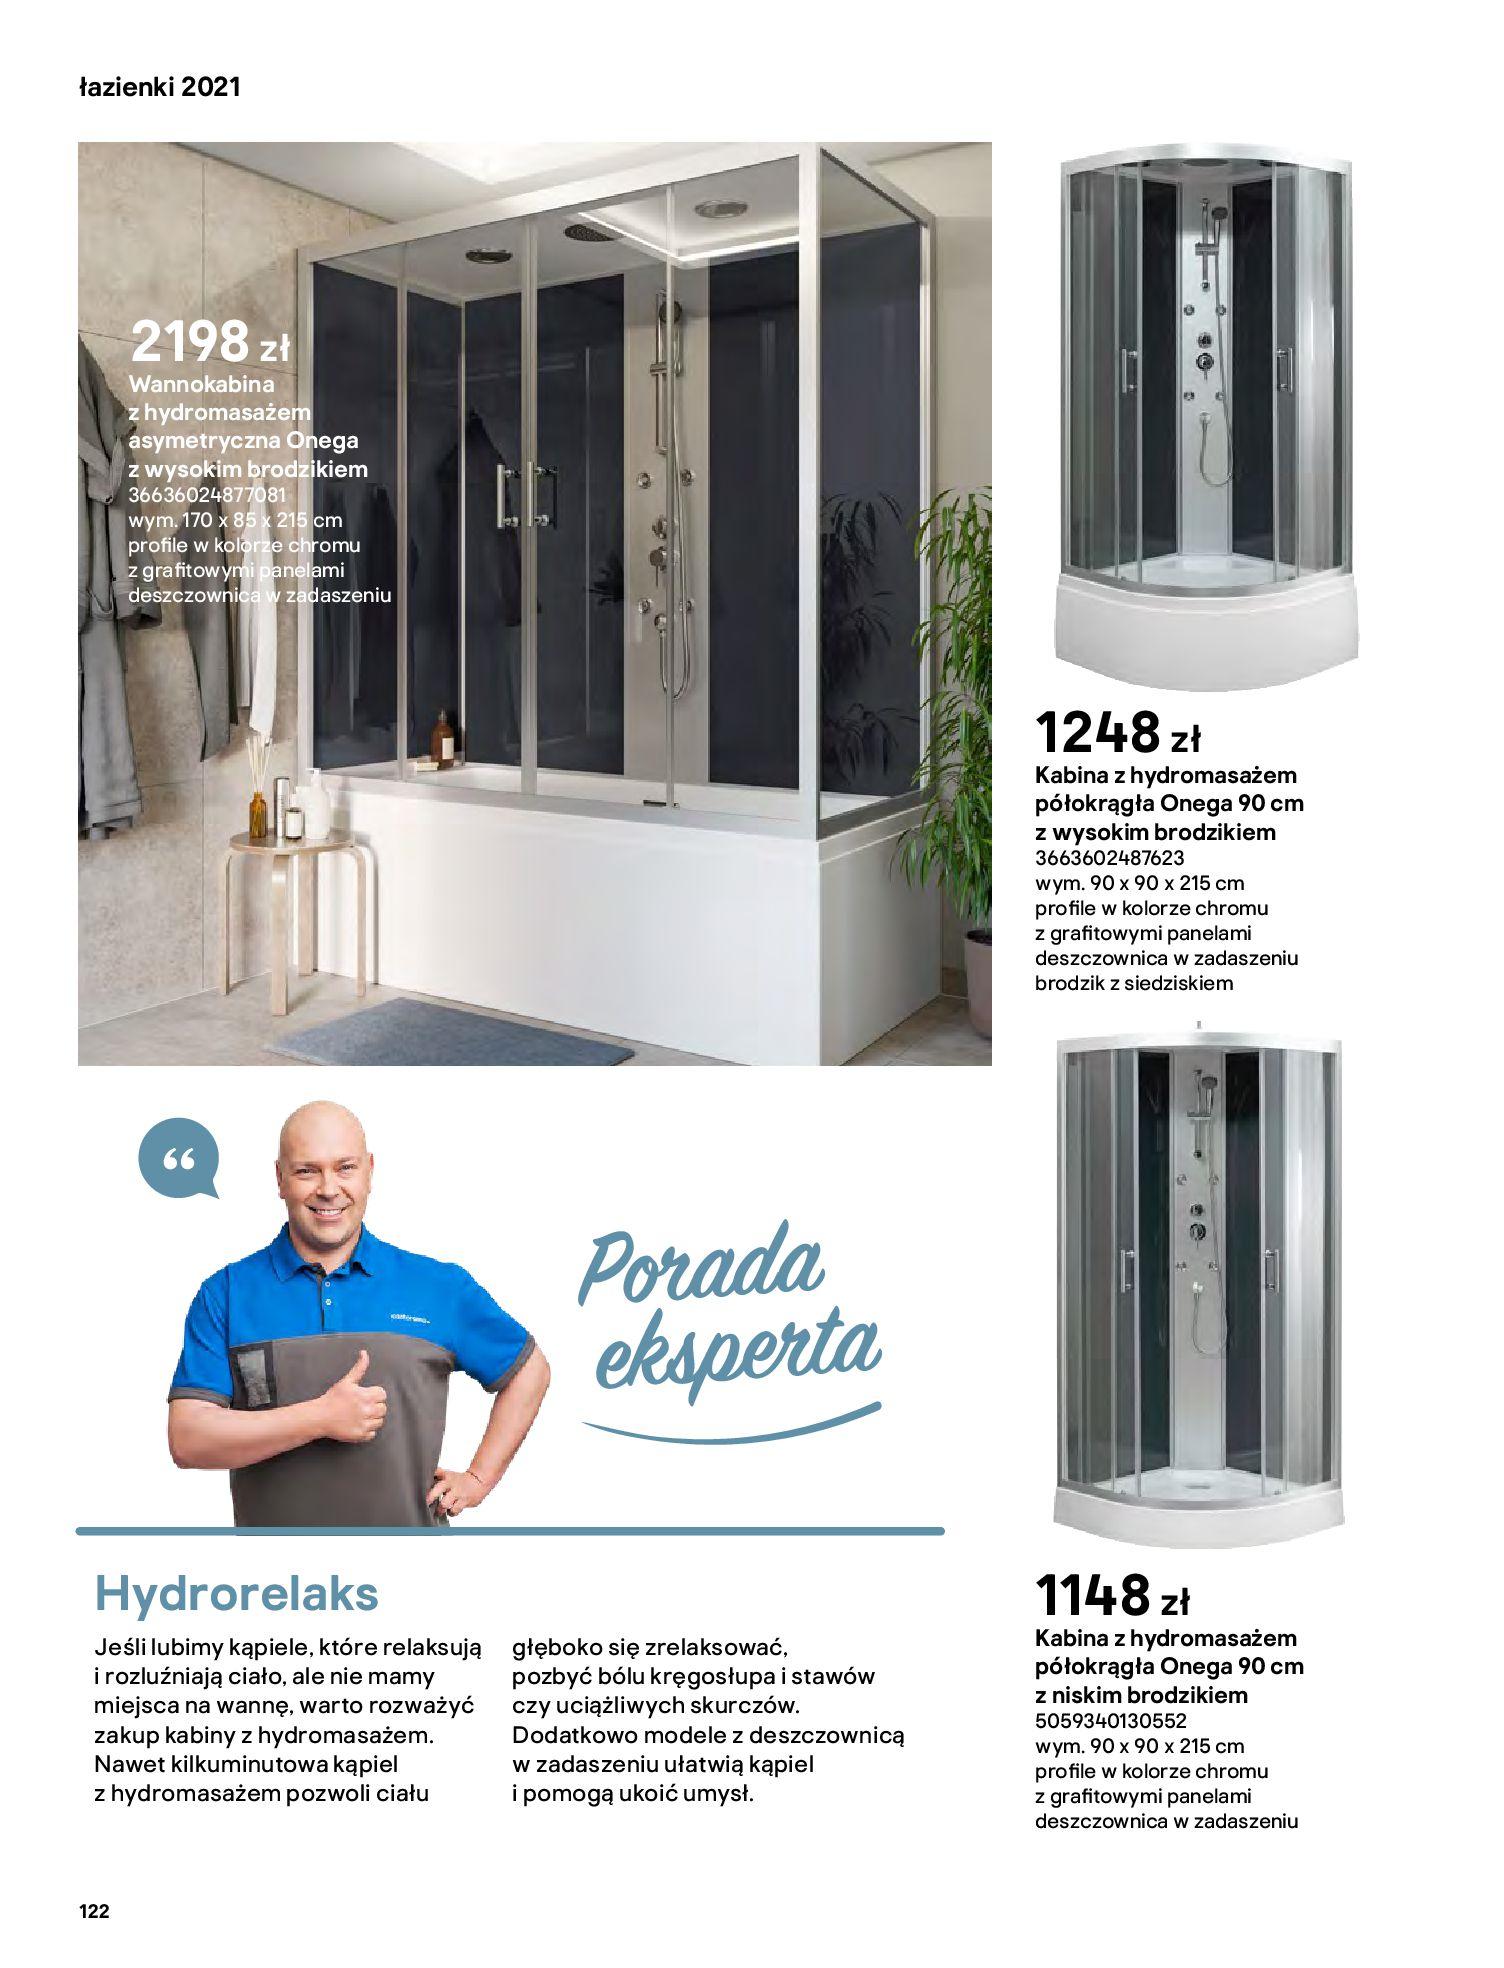 Gazetka Castorama: Gazetka Castorama - katalog łazienki 2021 2021-06-16 page-122